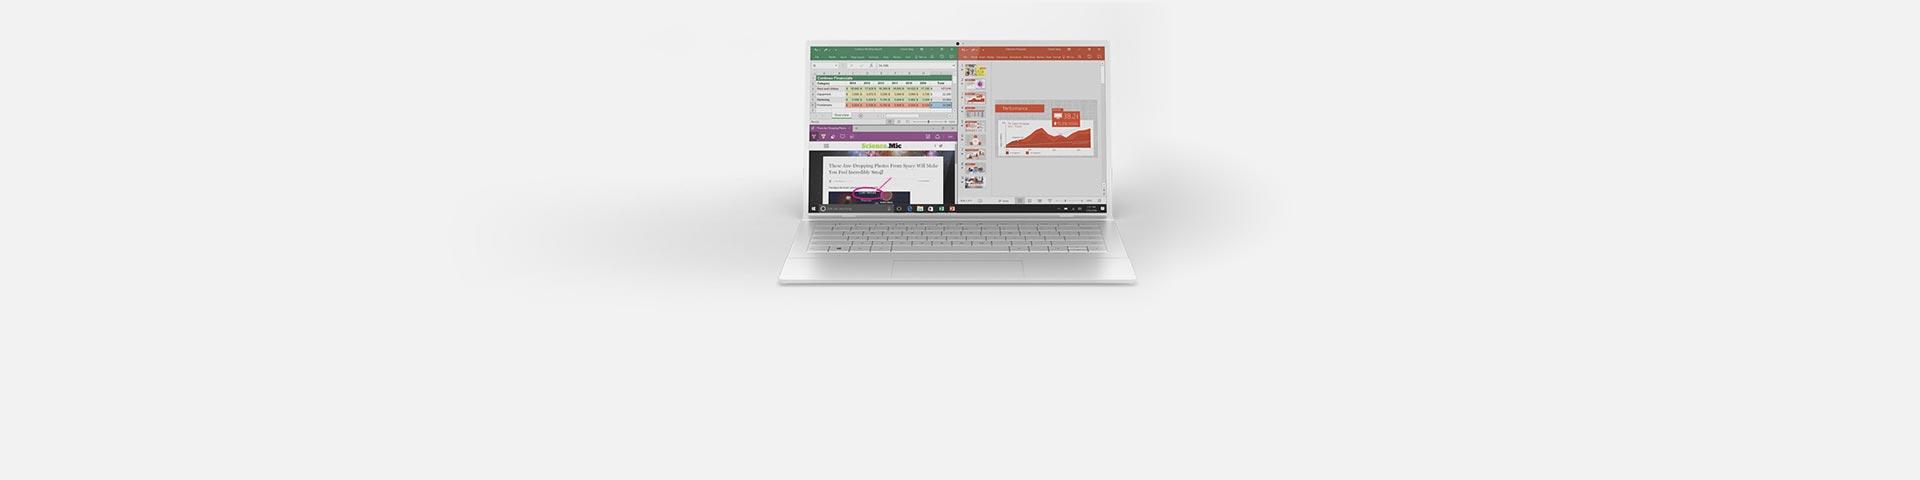 Laptop con app di Office sullo schermo